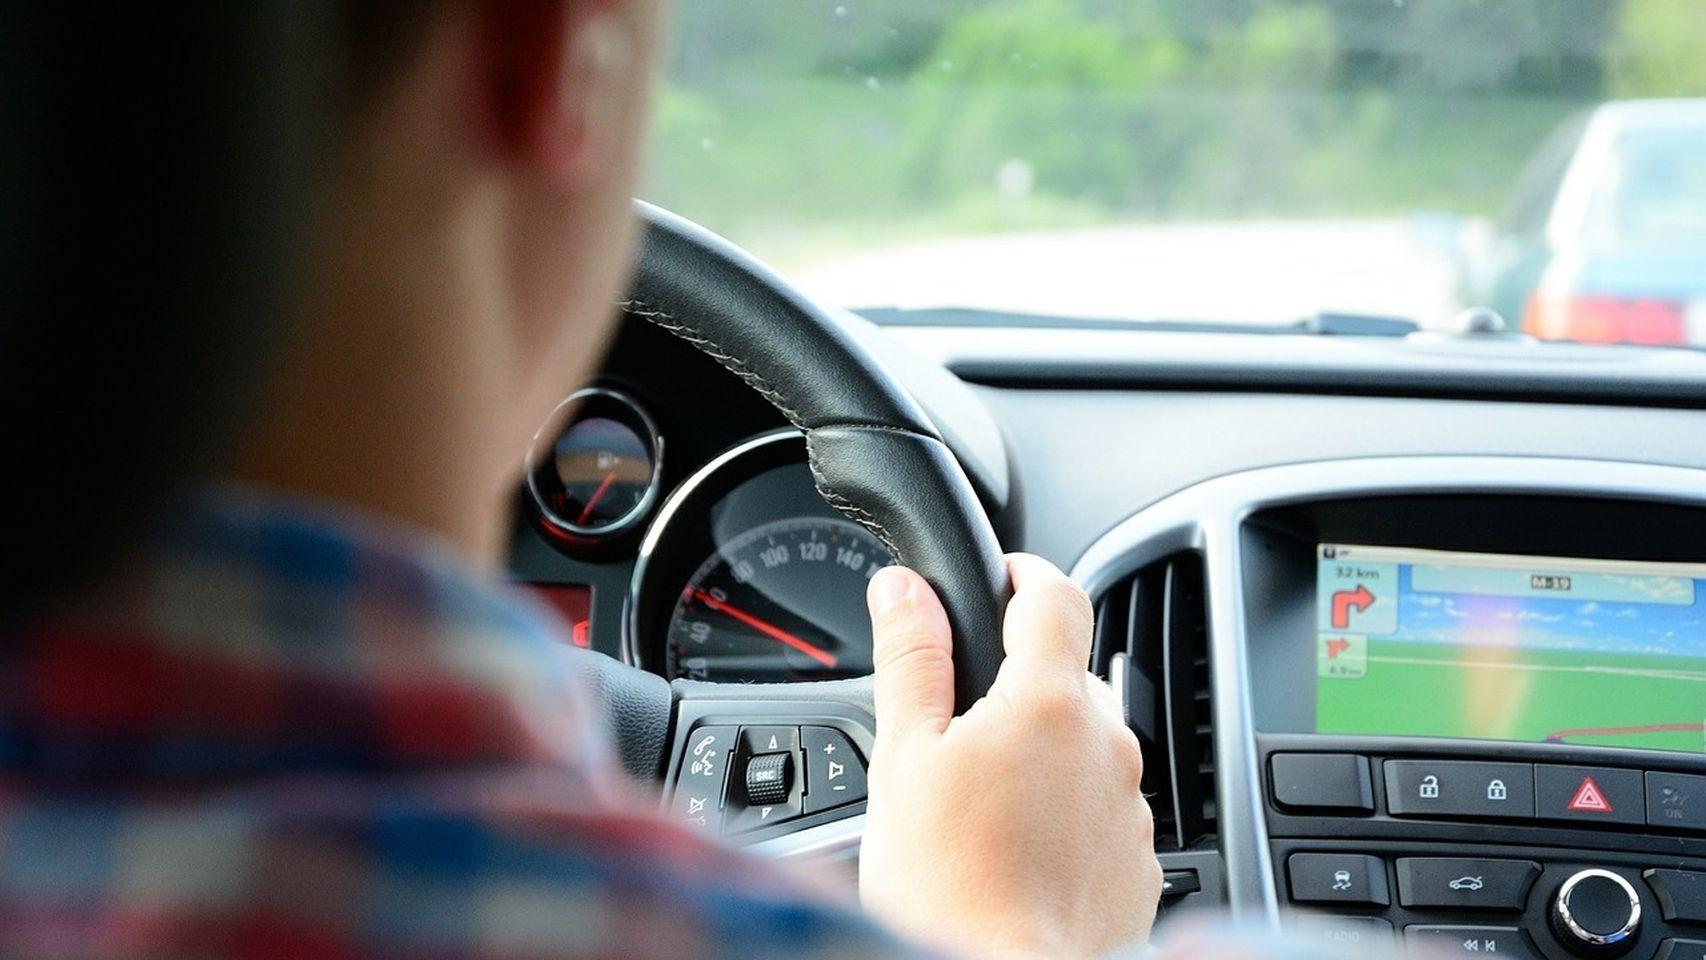 Son muchos los que dejan de lado el sistema de navegación del coche y recurren a Google Maps en su teléfono móvil